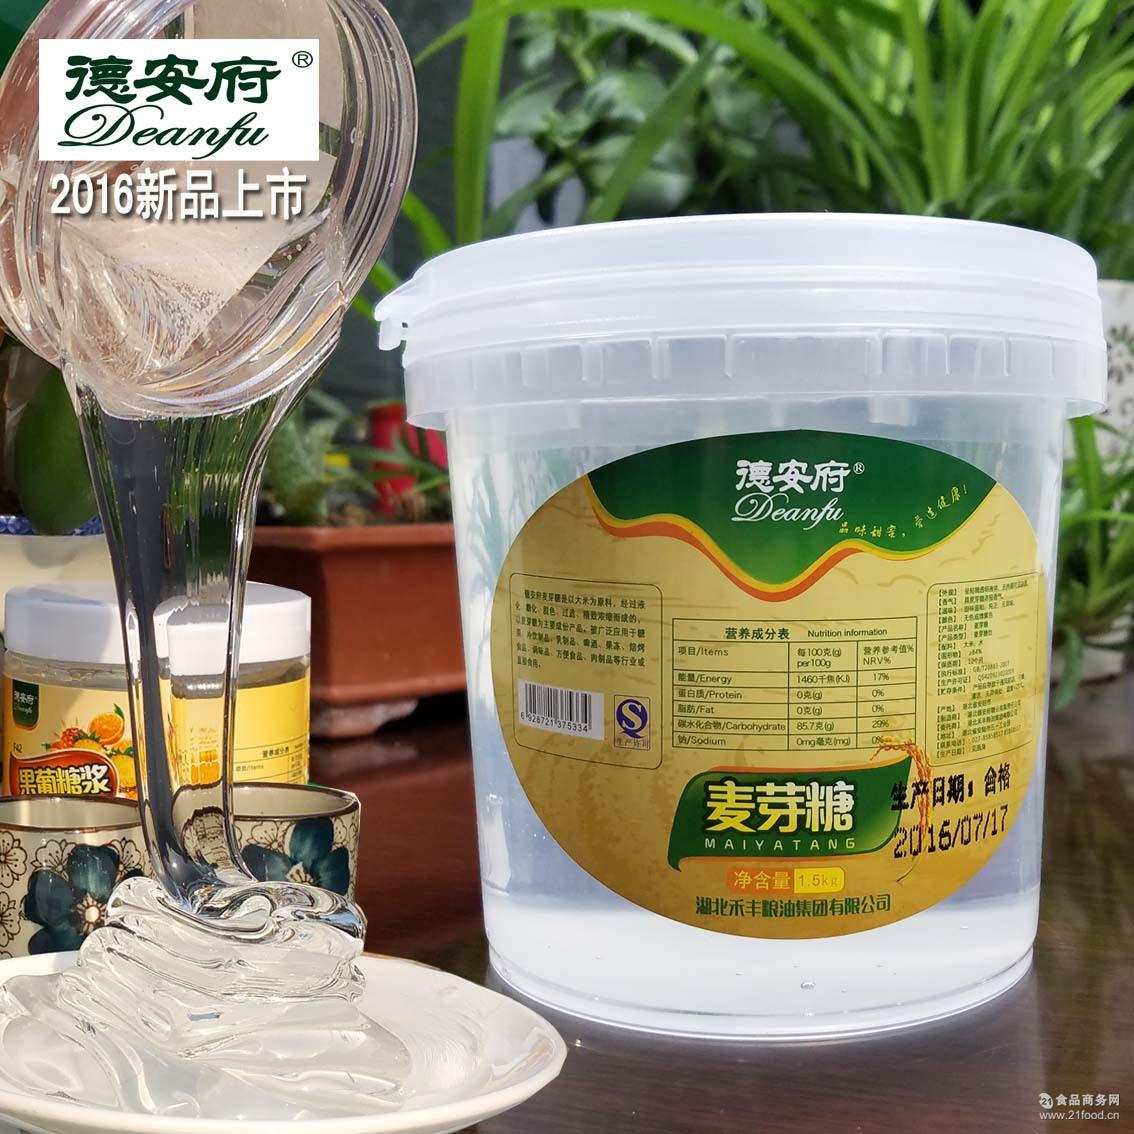 /牛轧糖炒板栗烘培原料包邮 德安府80%水饴透明麦芽糖浆糖稀1.2Kg